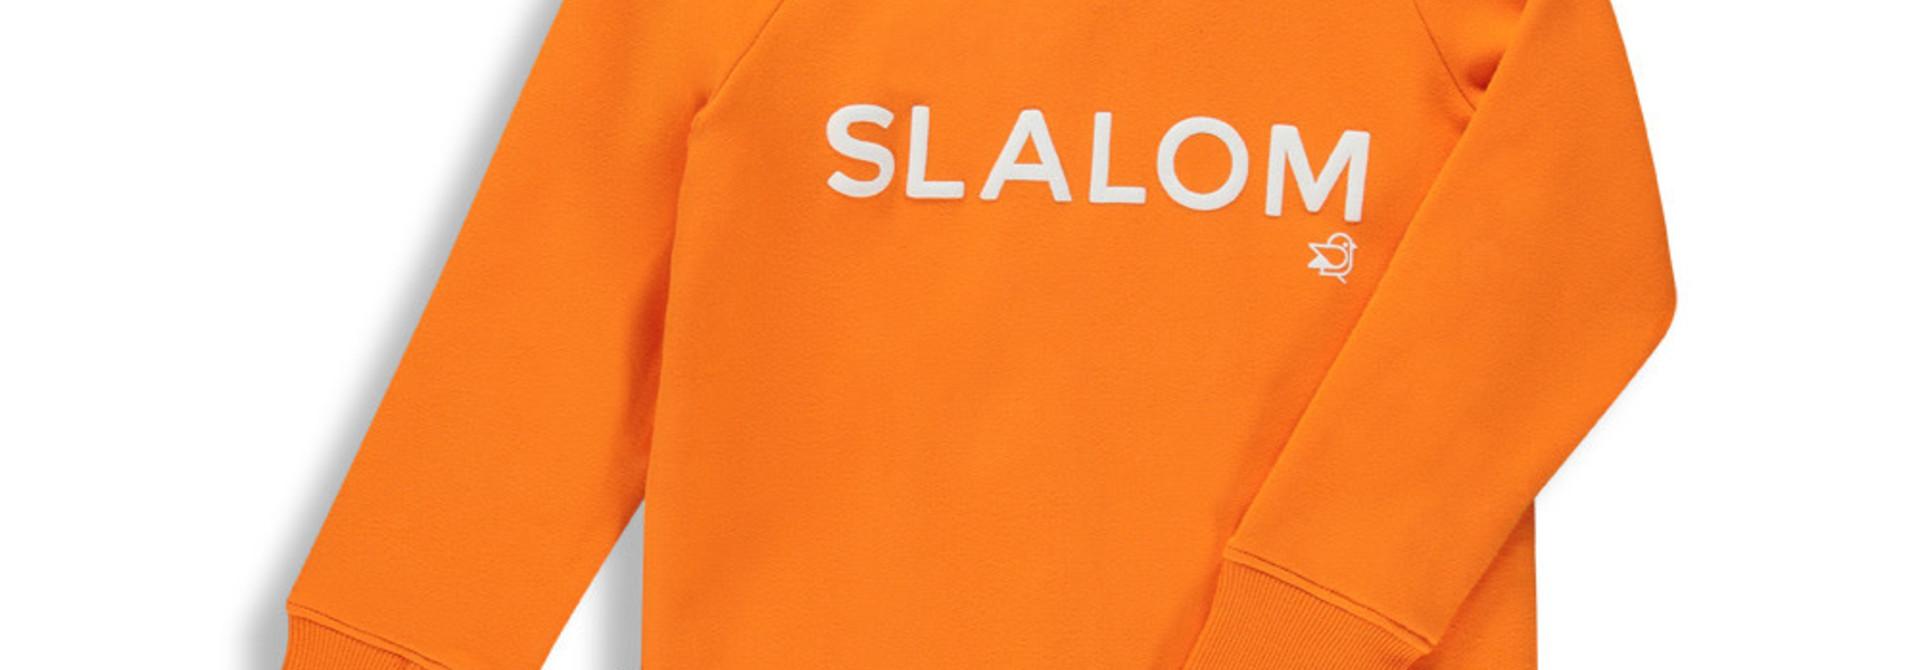 Coton Slalom - Orange